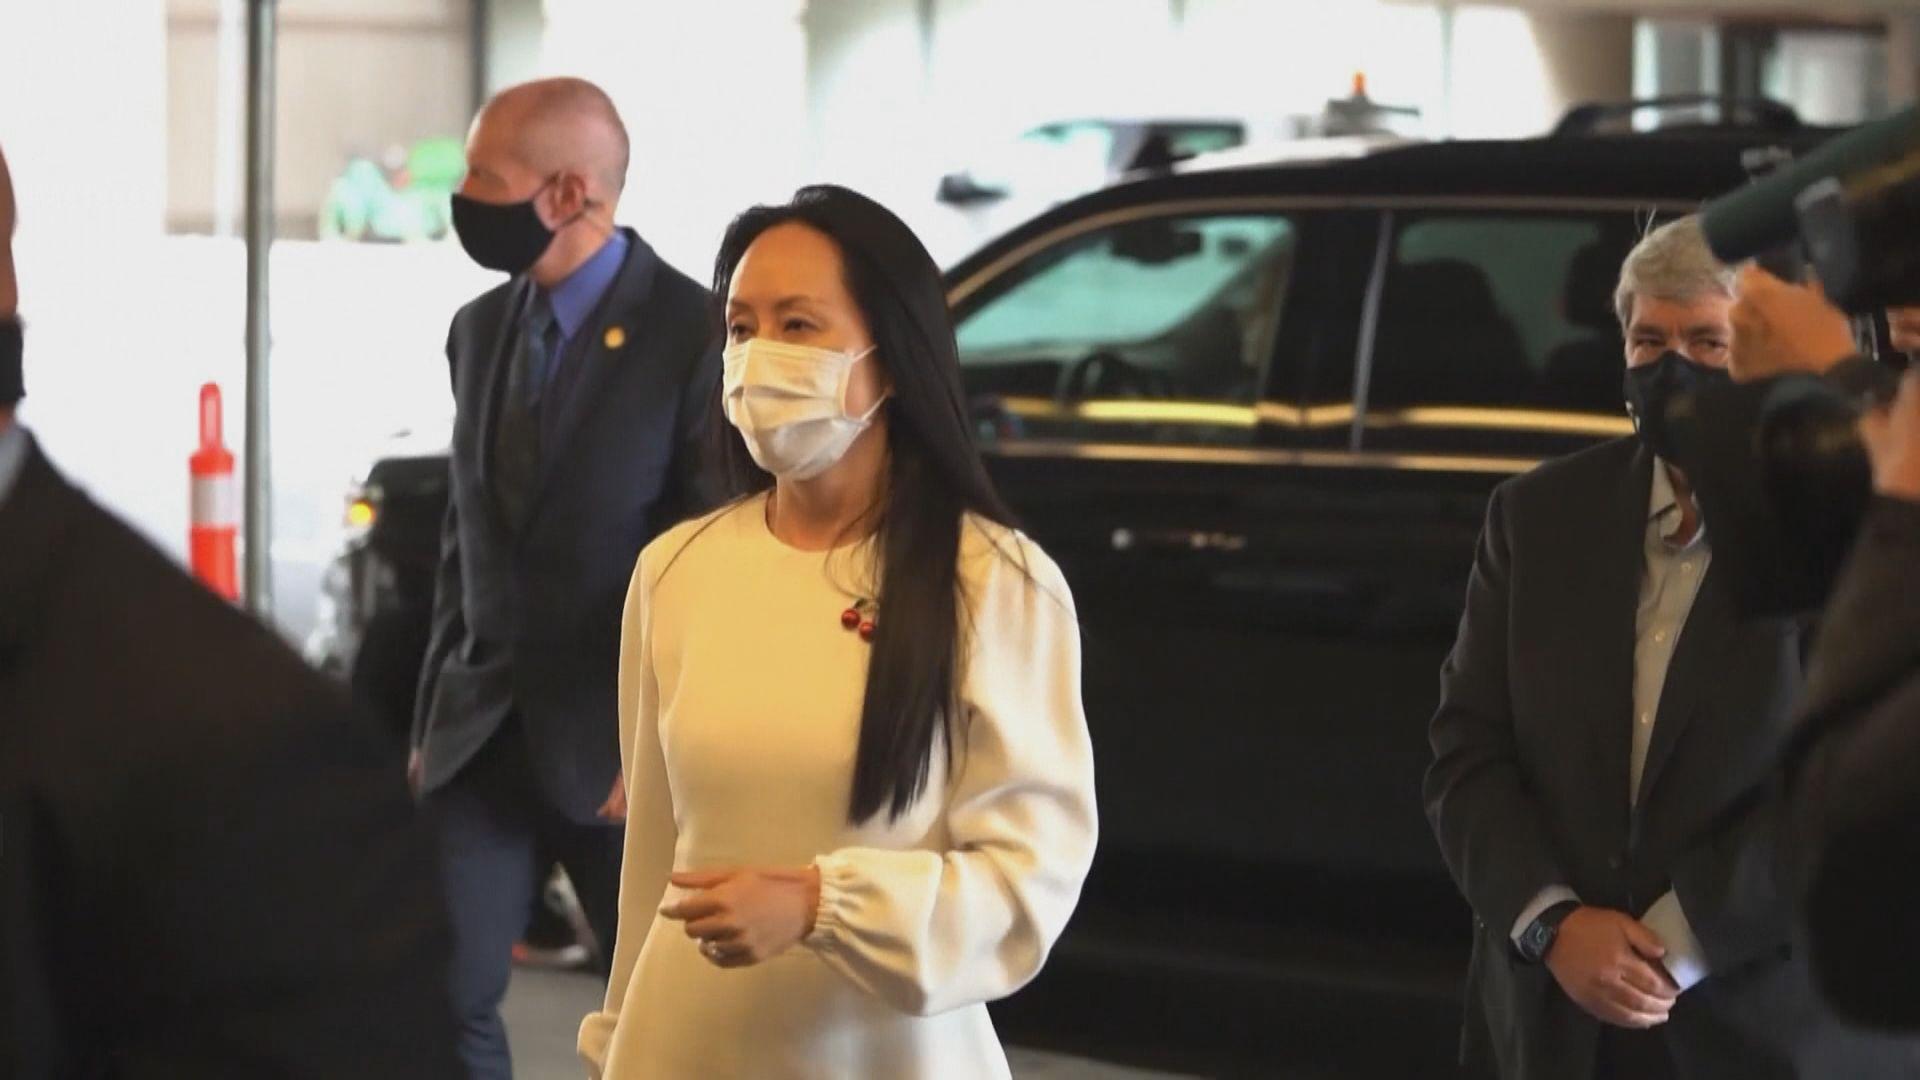 孟晚舟被拘留1000天 駐加拿大大使叢培武致電慰問